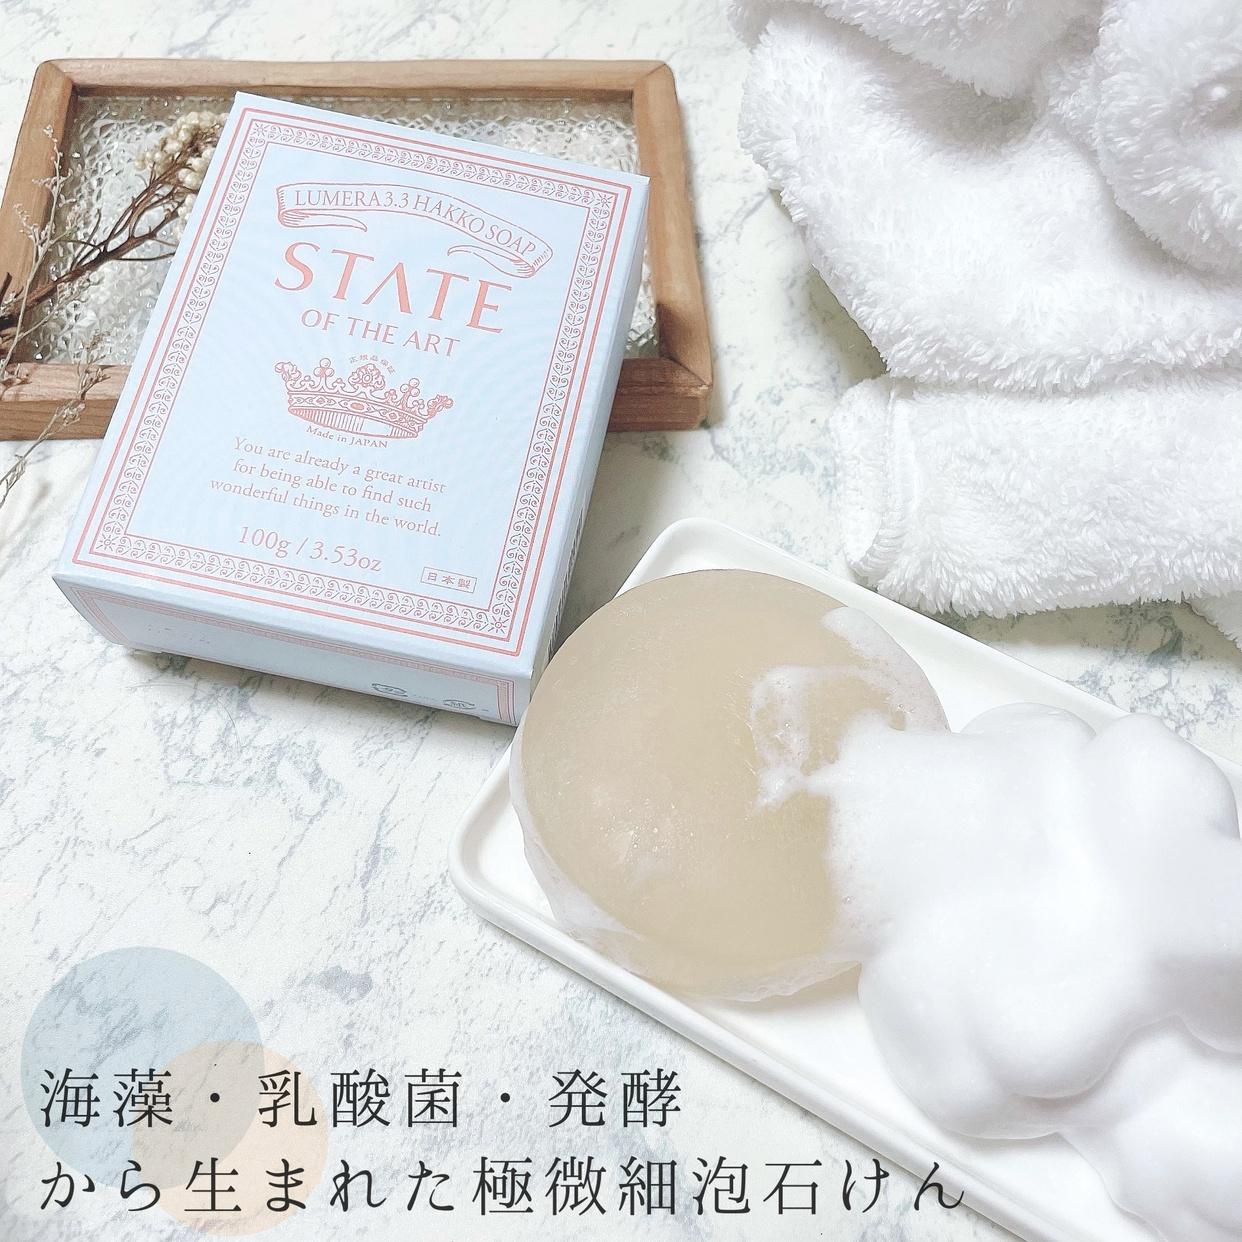 STATE OF THE ART(ステートオブザアート) 極微細 泡石けんを使ったshiroさんのクチコミ画像1